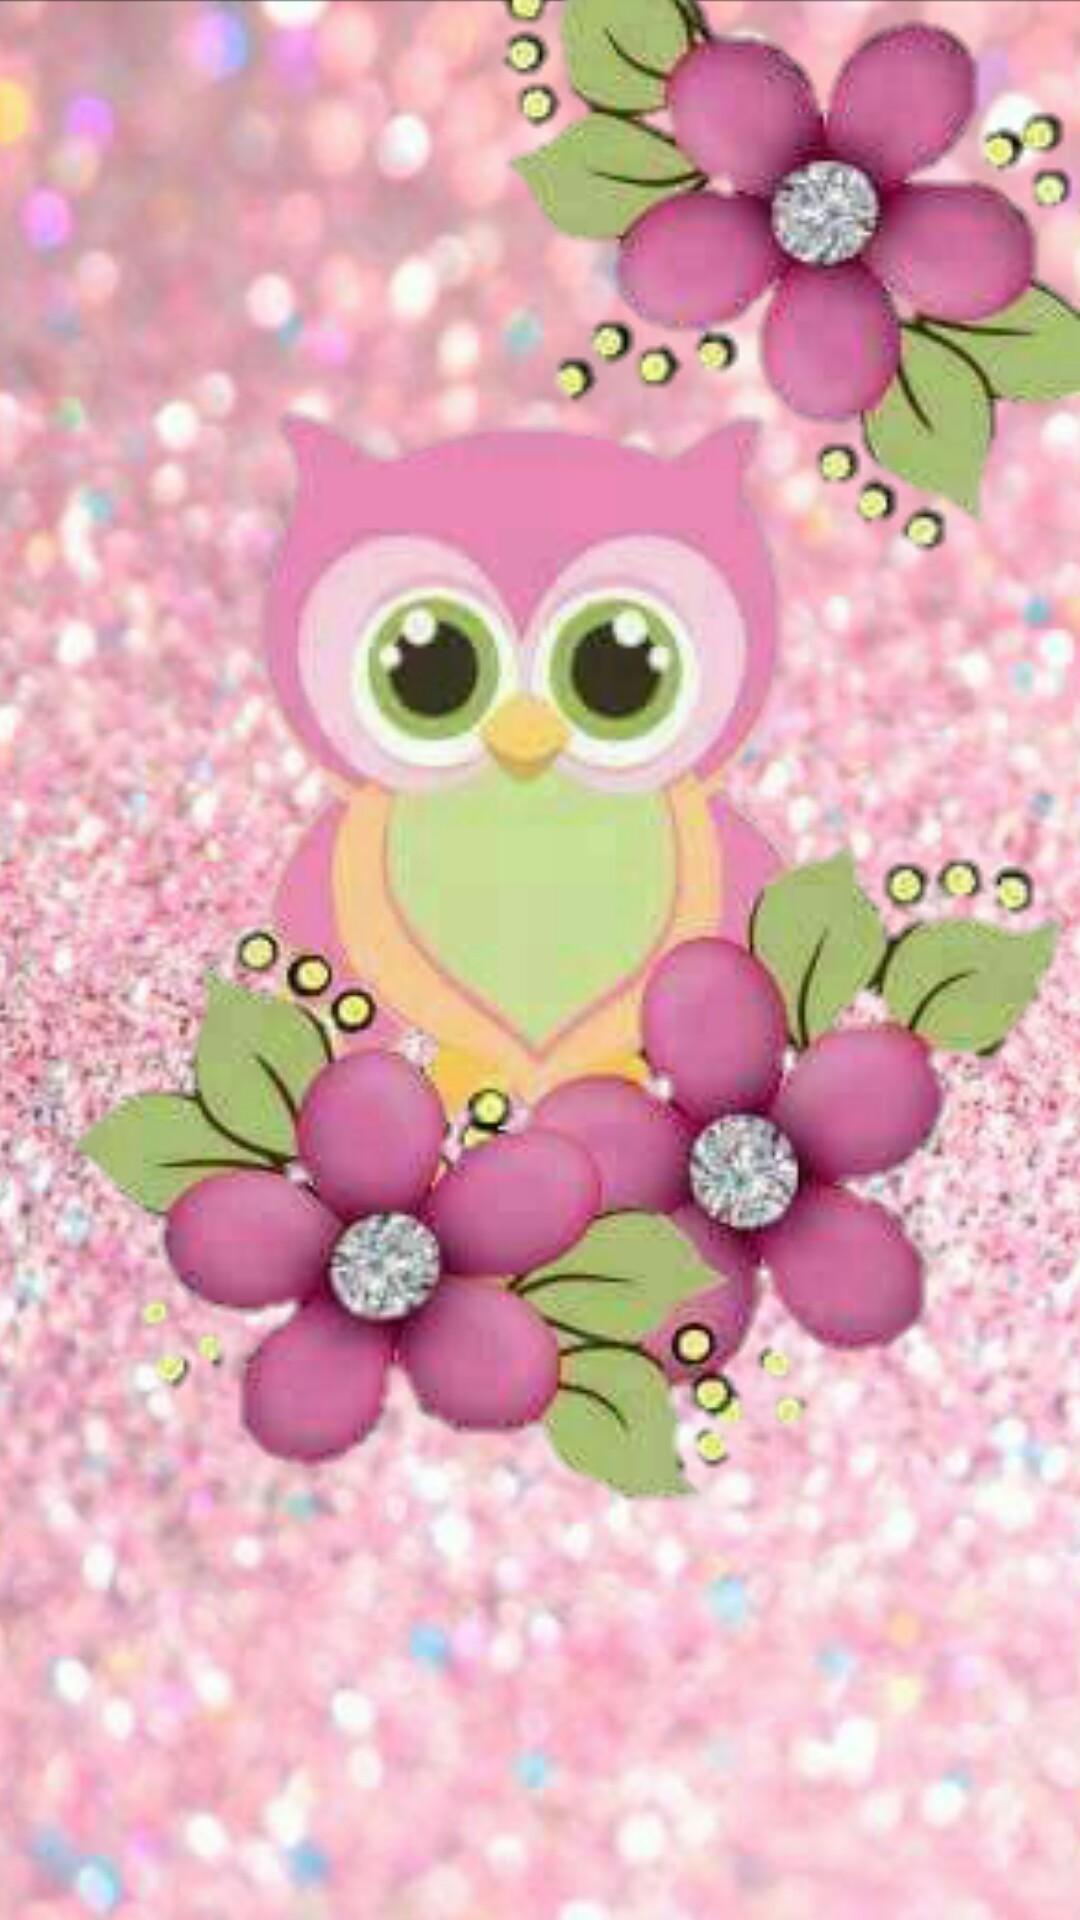 Res: 1080x1920, Cute Cartoon Owl Wallpaper 10